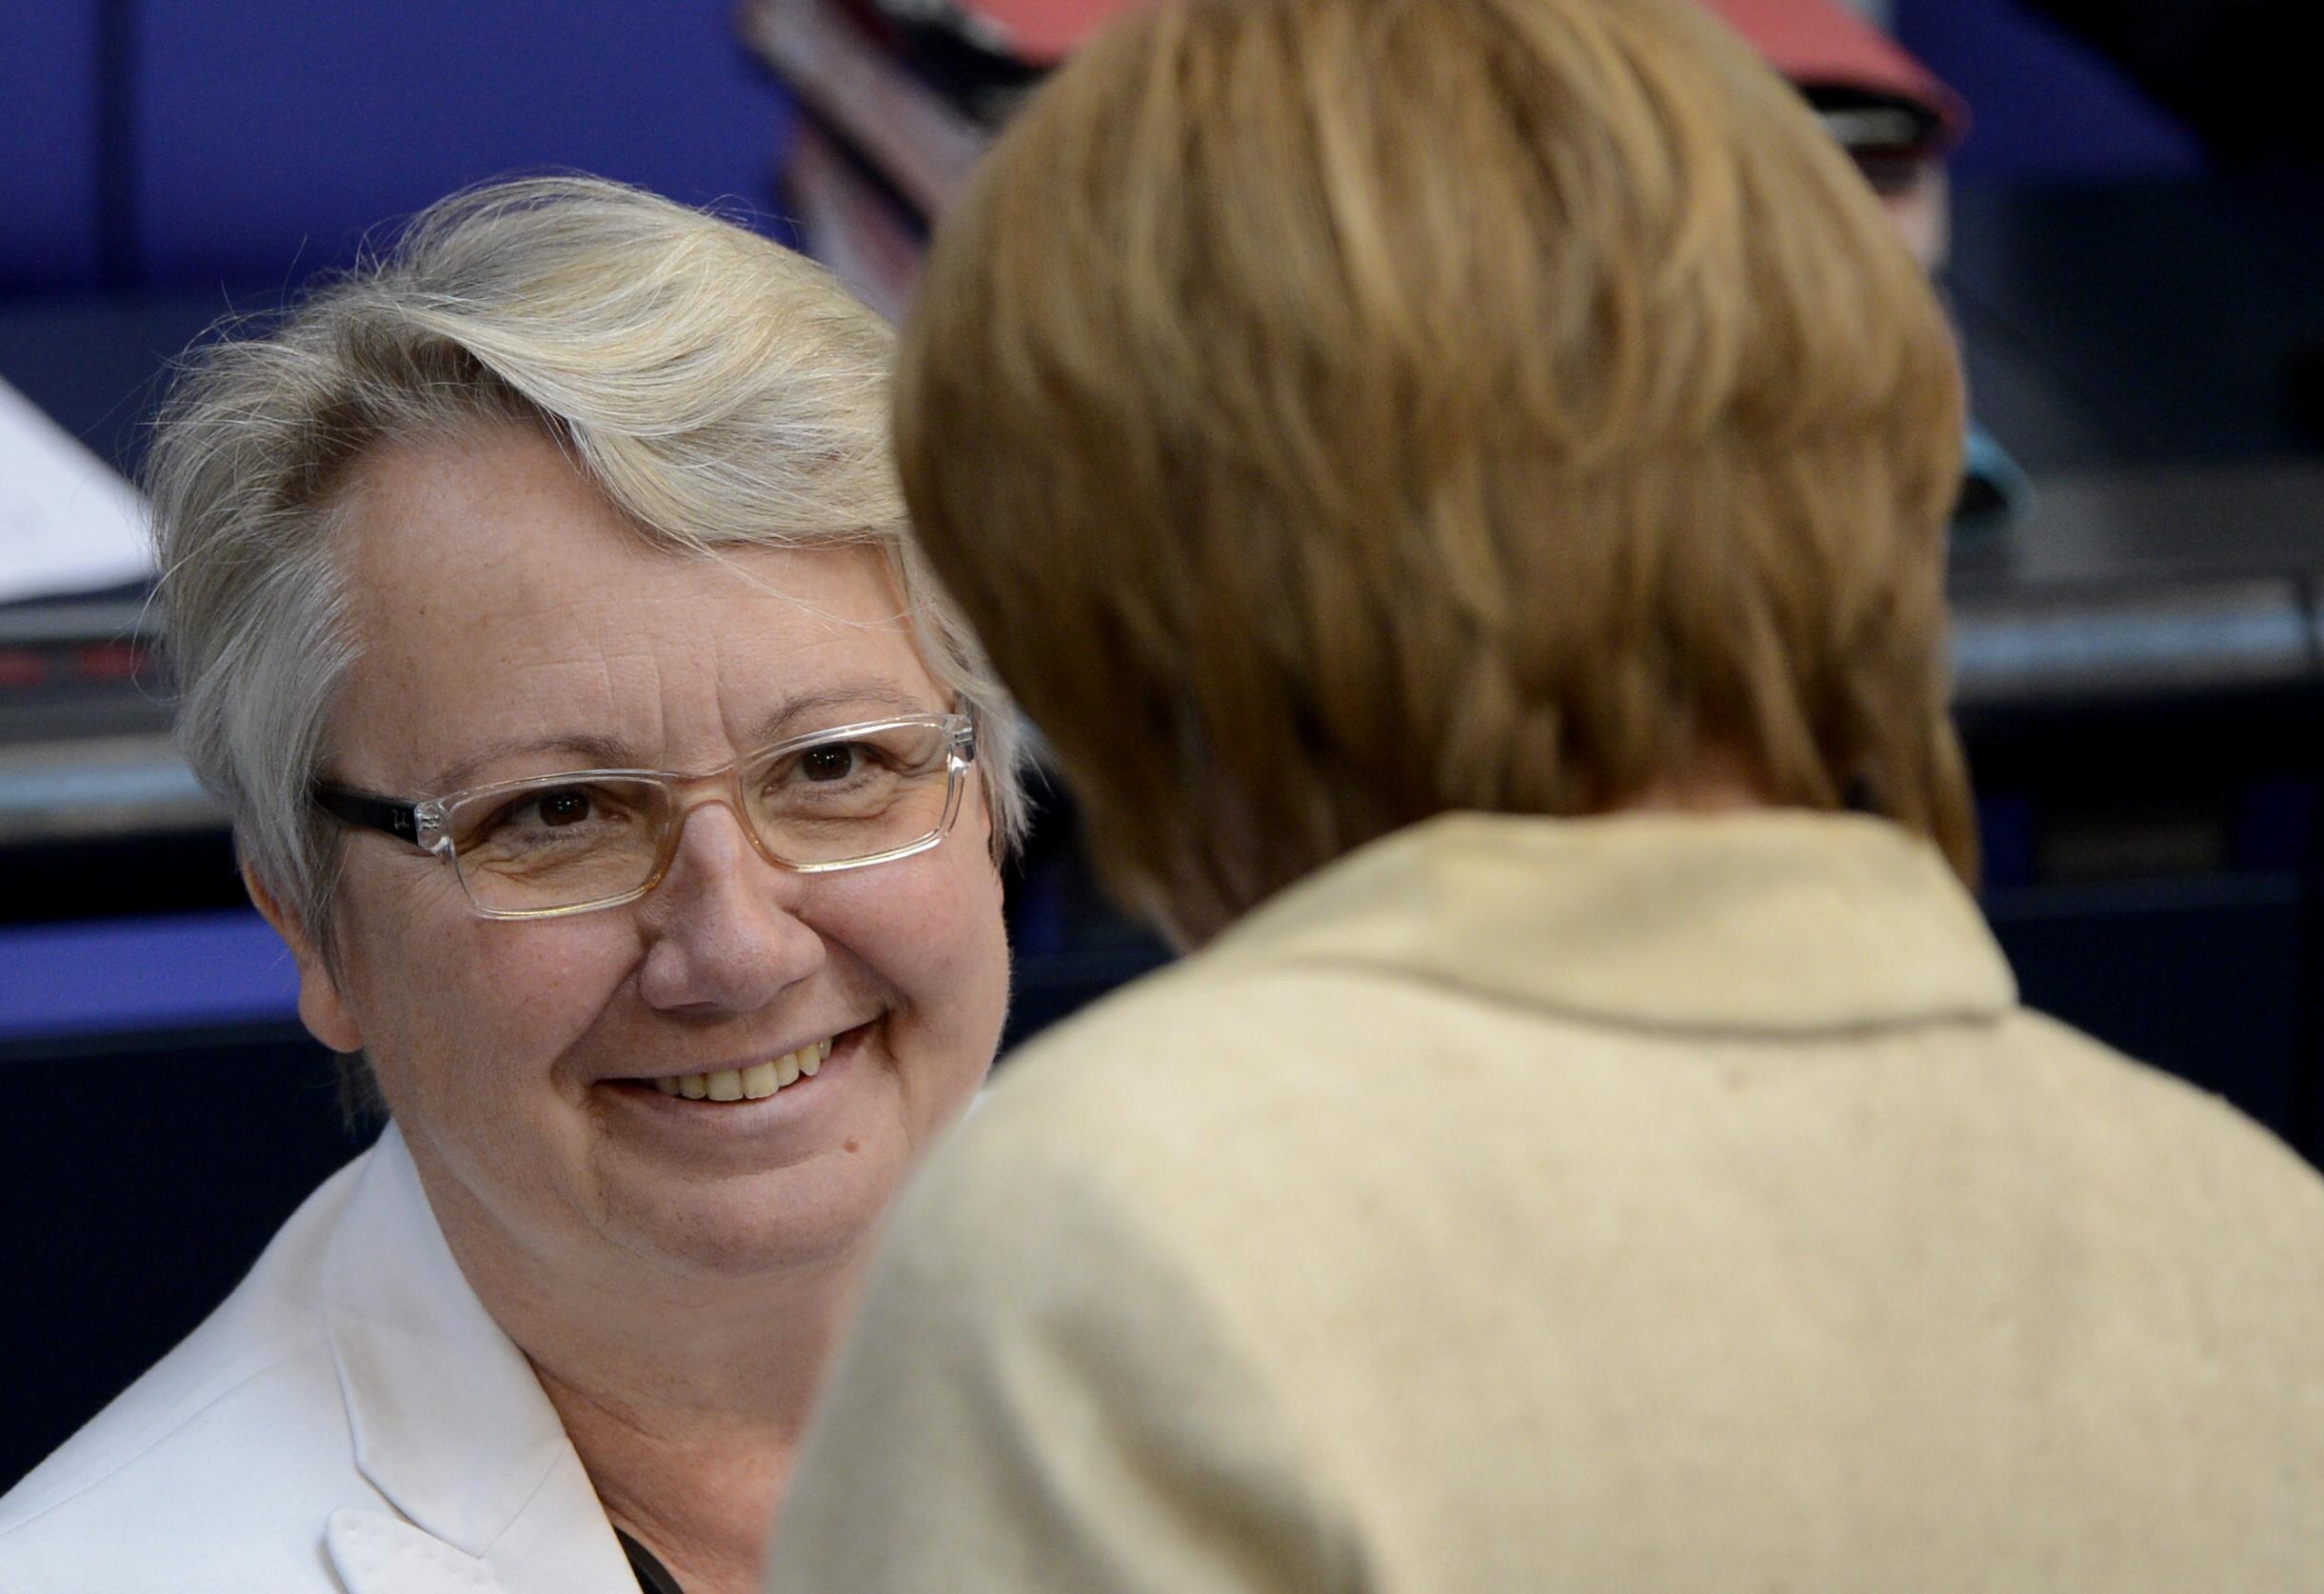 Annette Schavan, ministrul german al Educatiei, acuzata de plagiat, si-a pierdut titlul de doctor